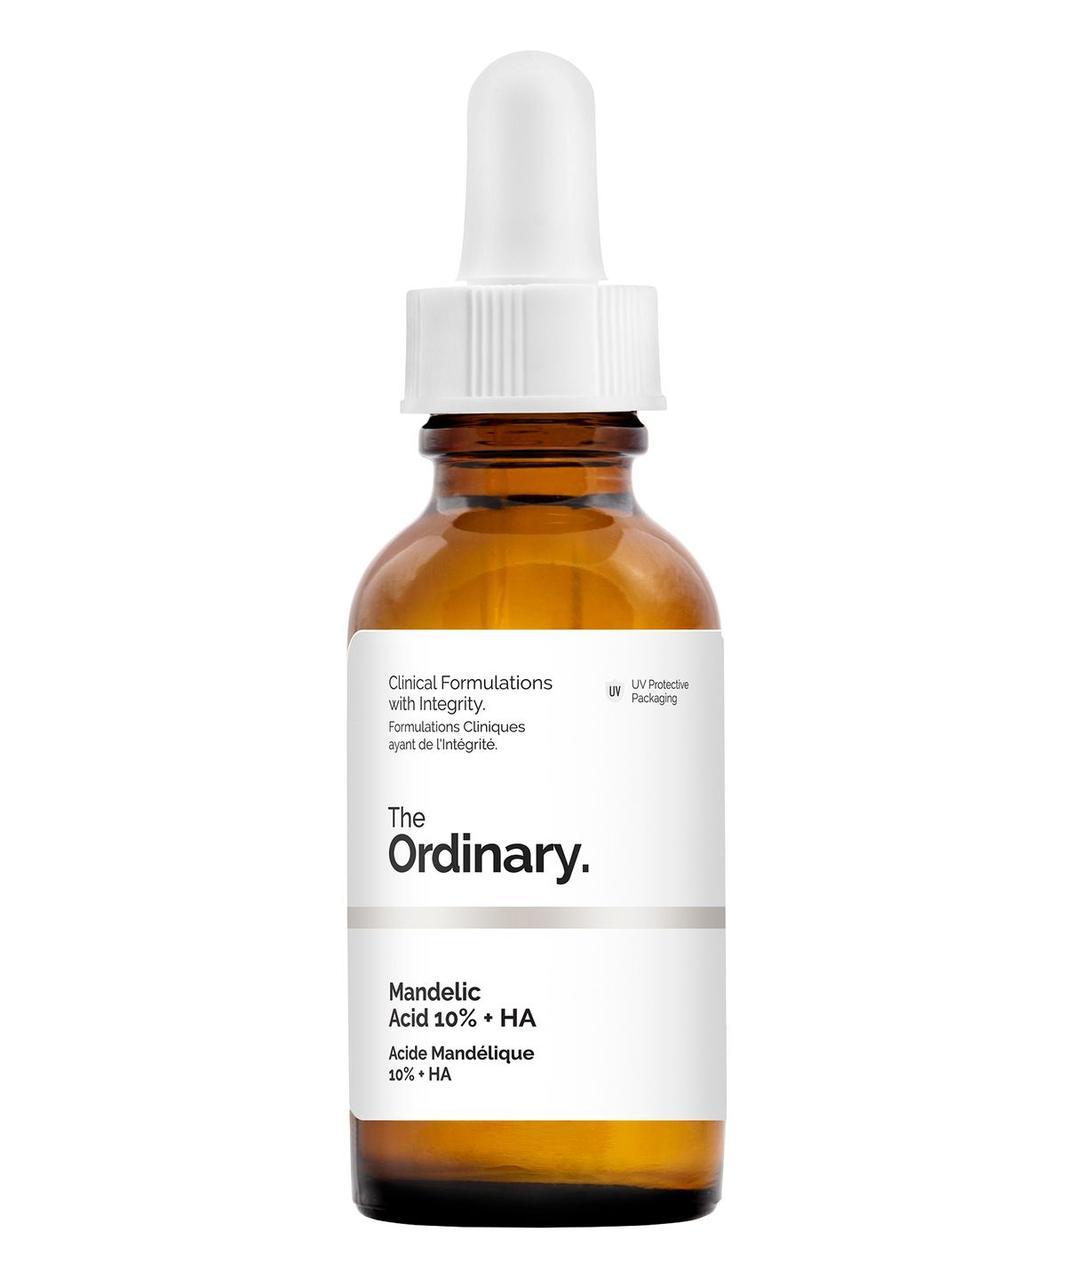 Пилинг с миндальной кислотой The Ordinary Mandelic Acid 10% + HA